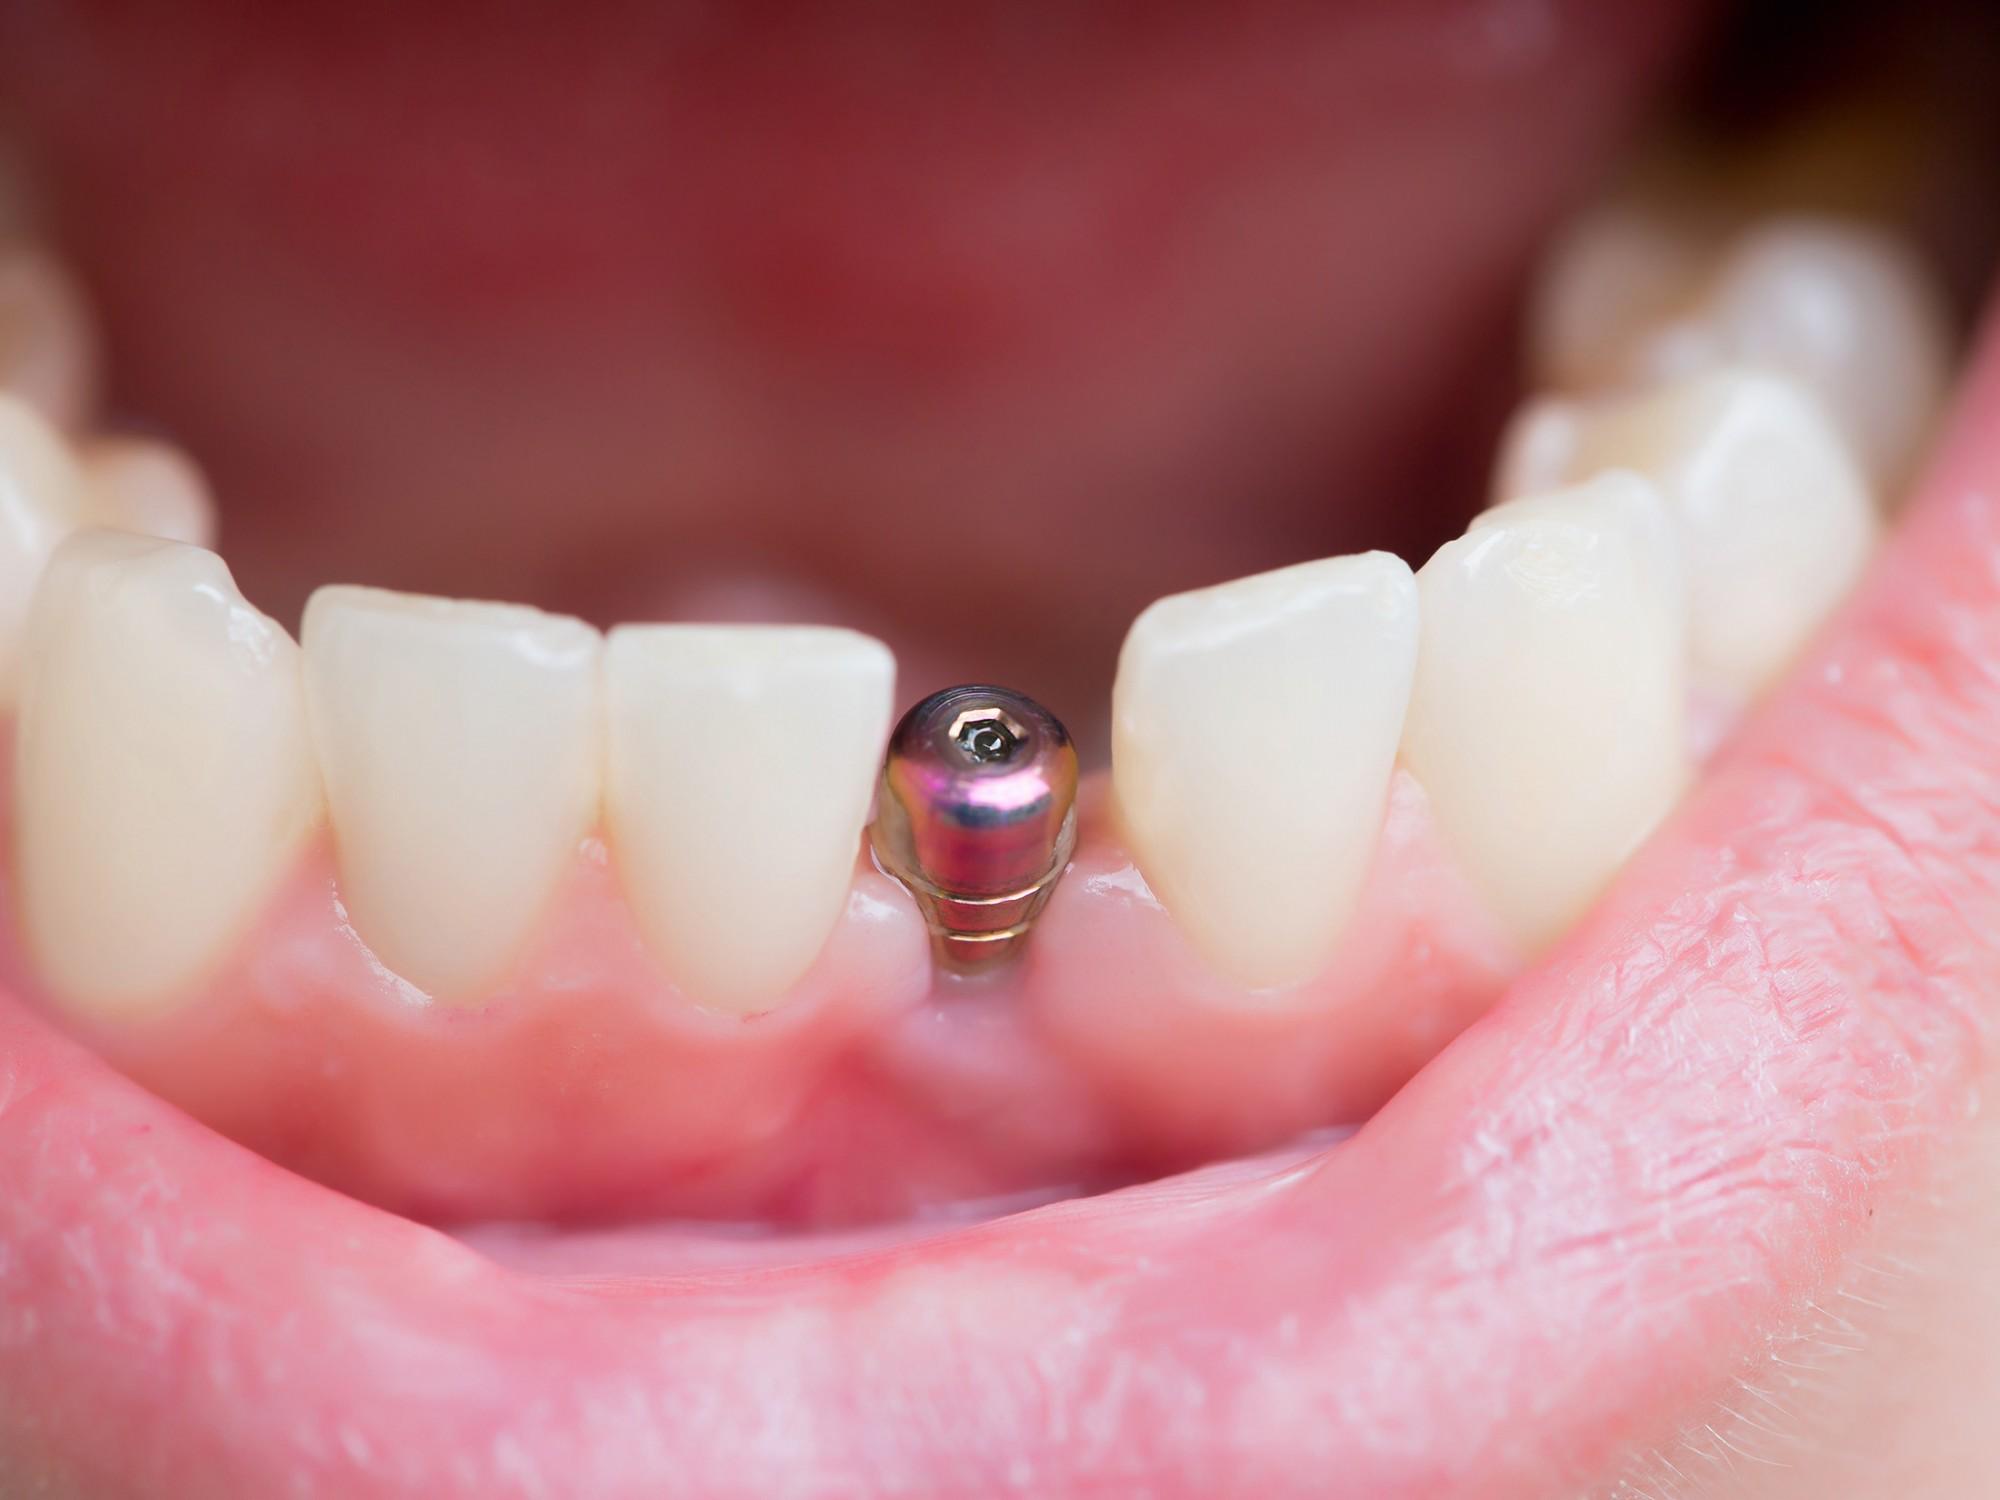 Implant dentaire : Pourquoi miser sur l'implant dentaire ?